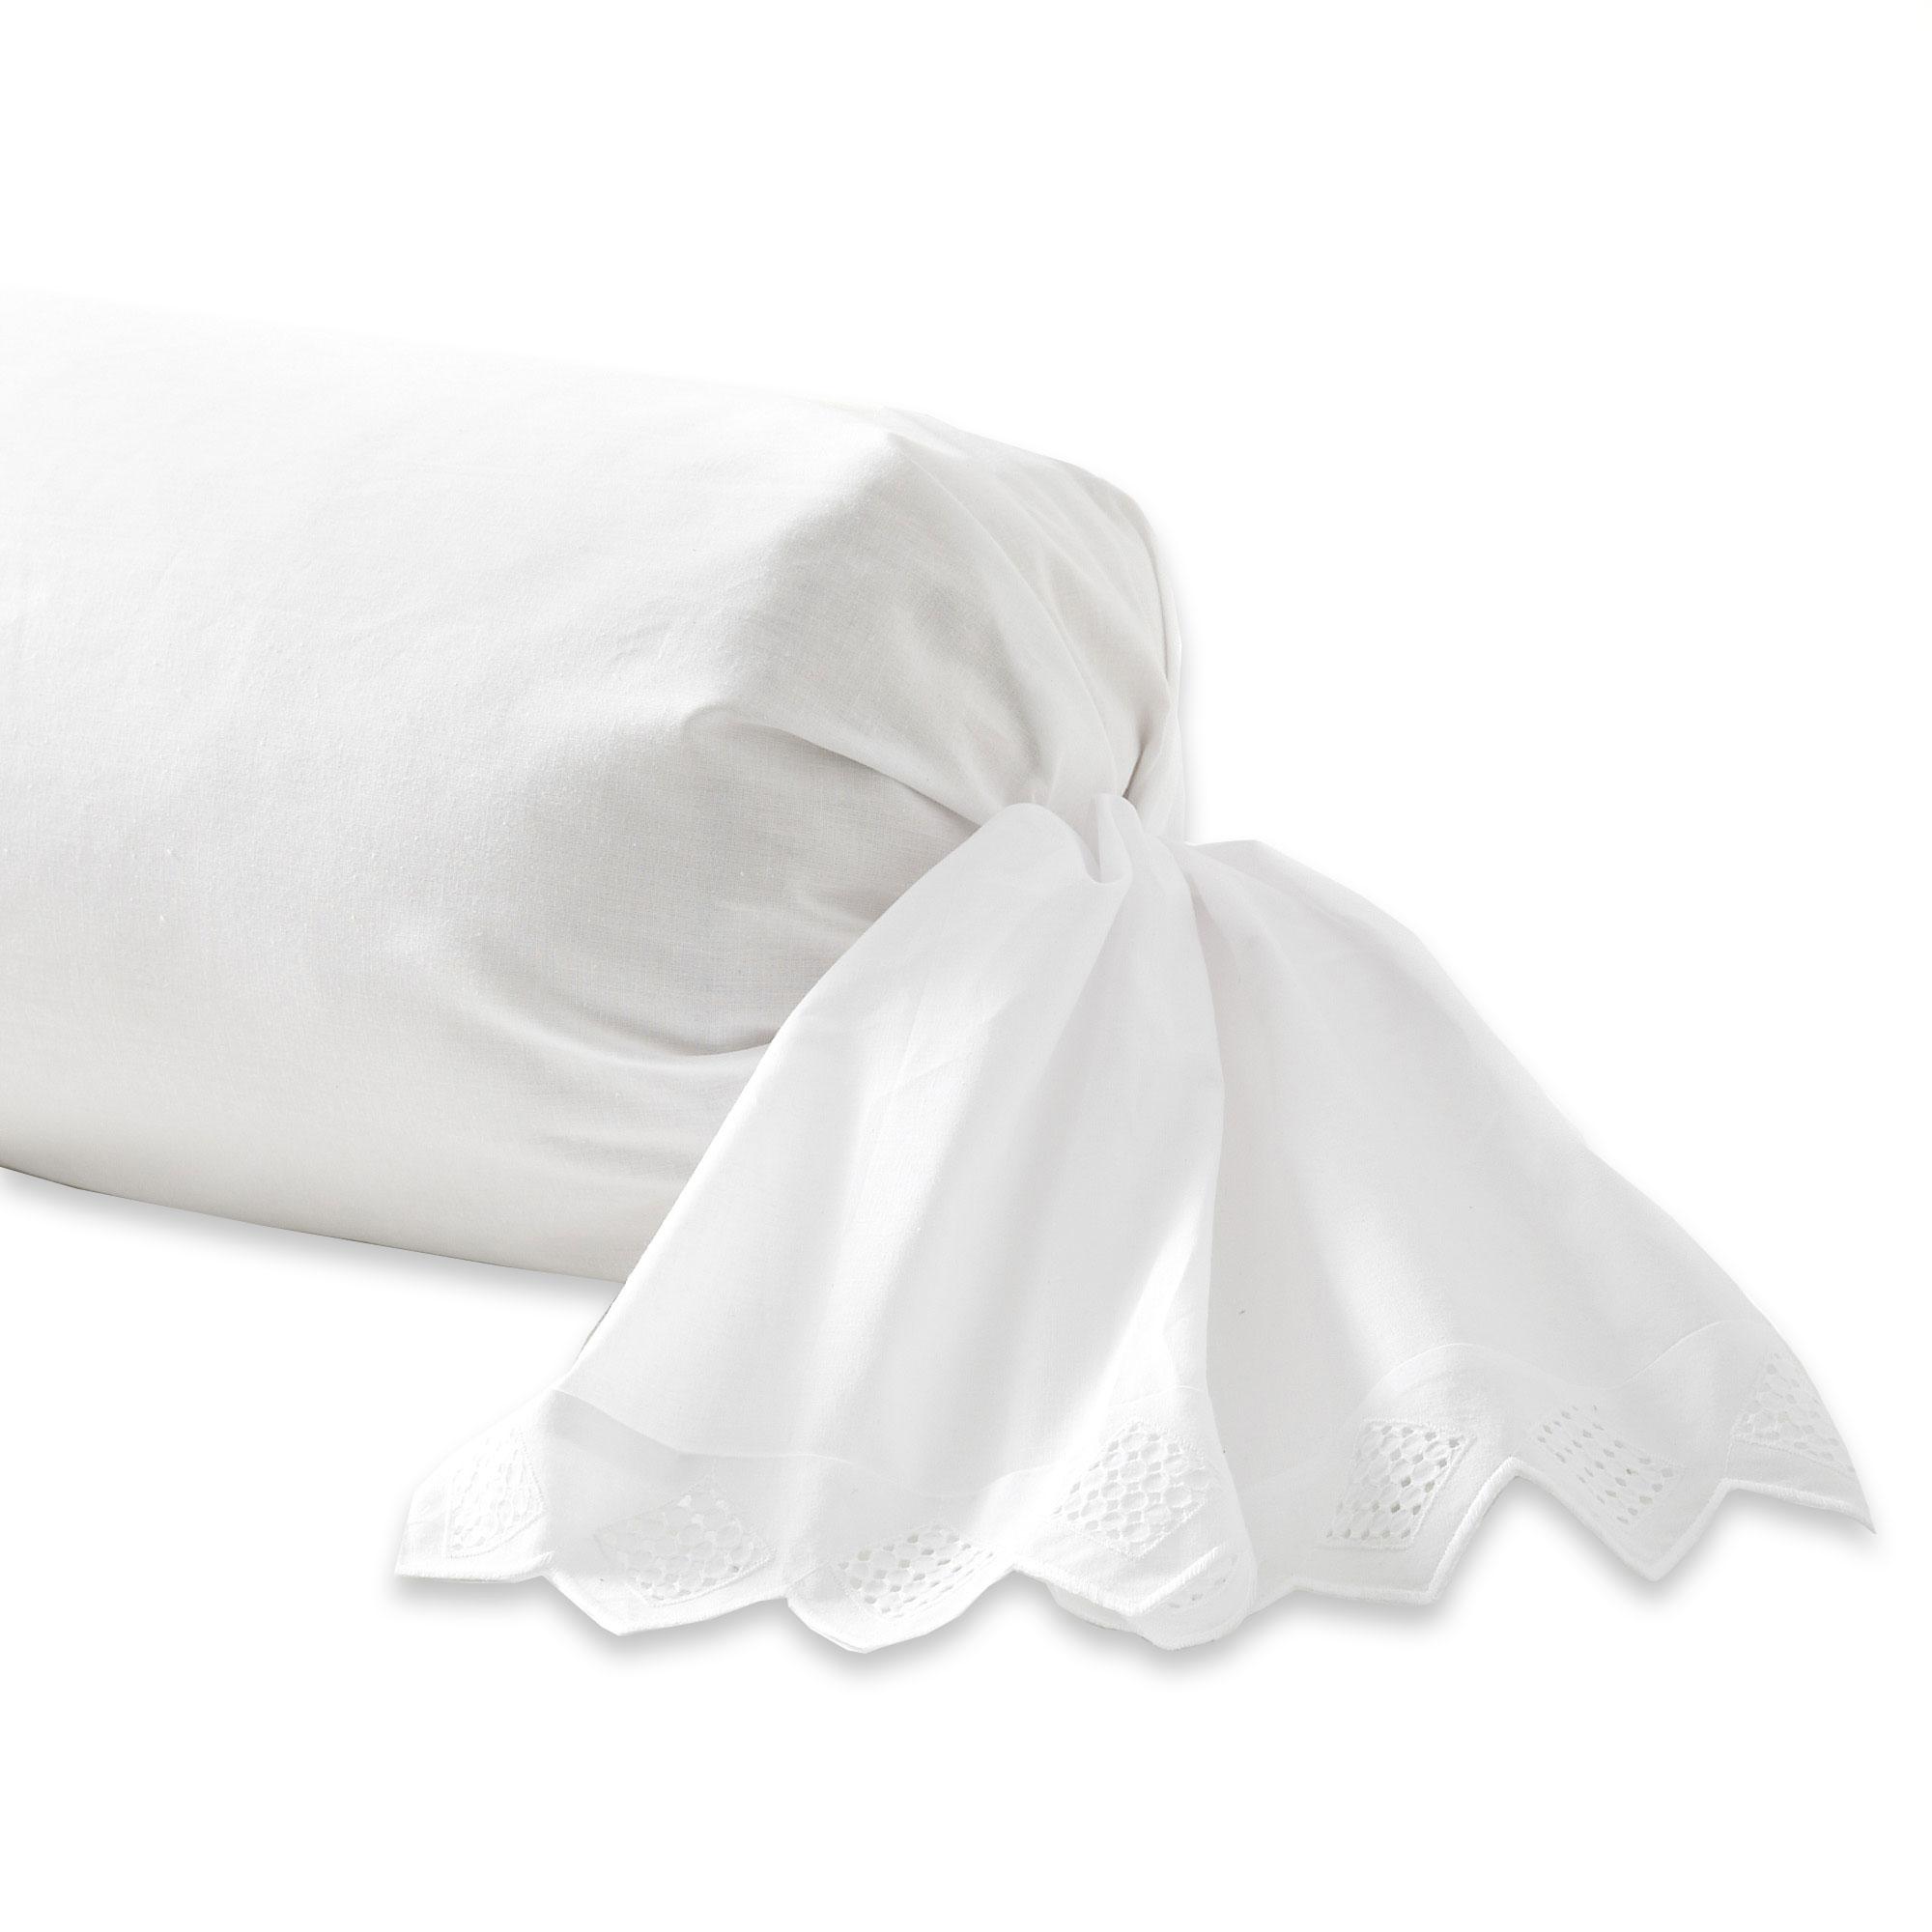 Taie de traversin brodée en coton blanc 85x185